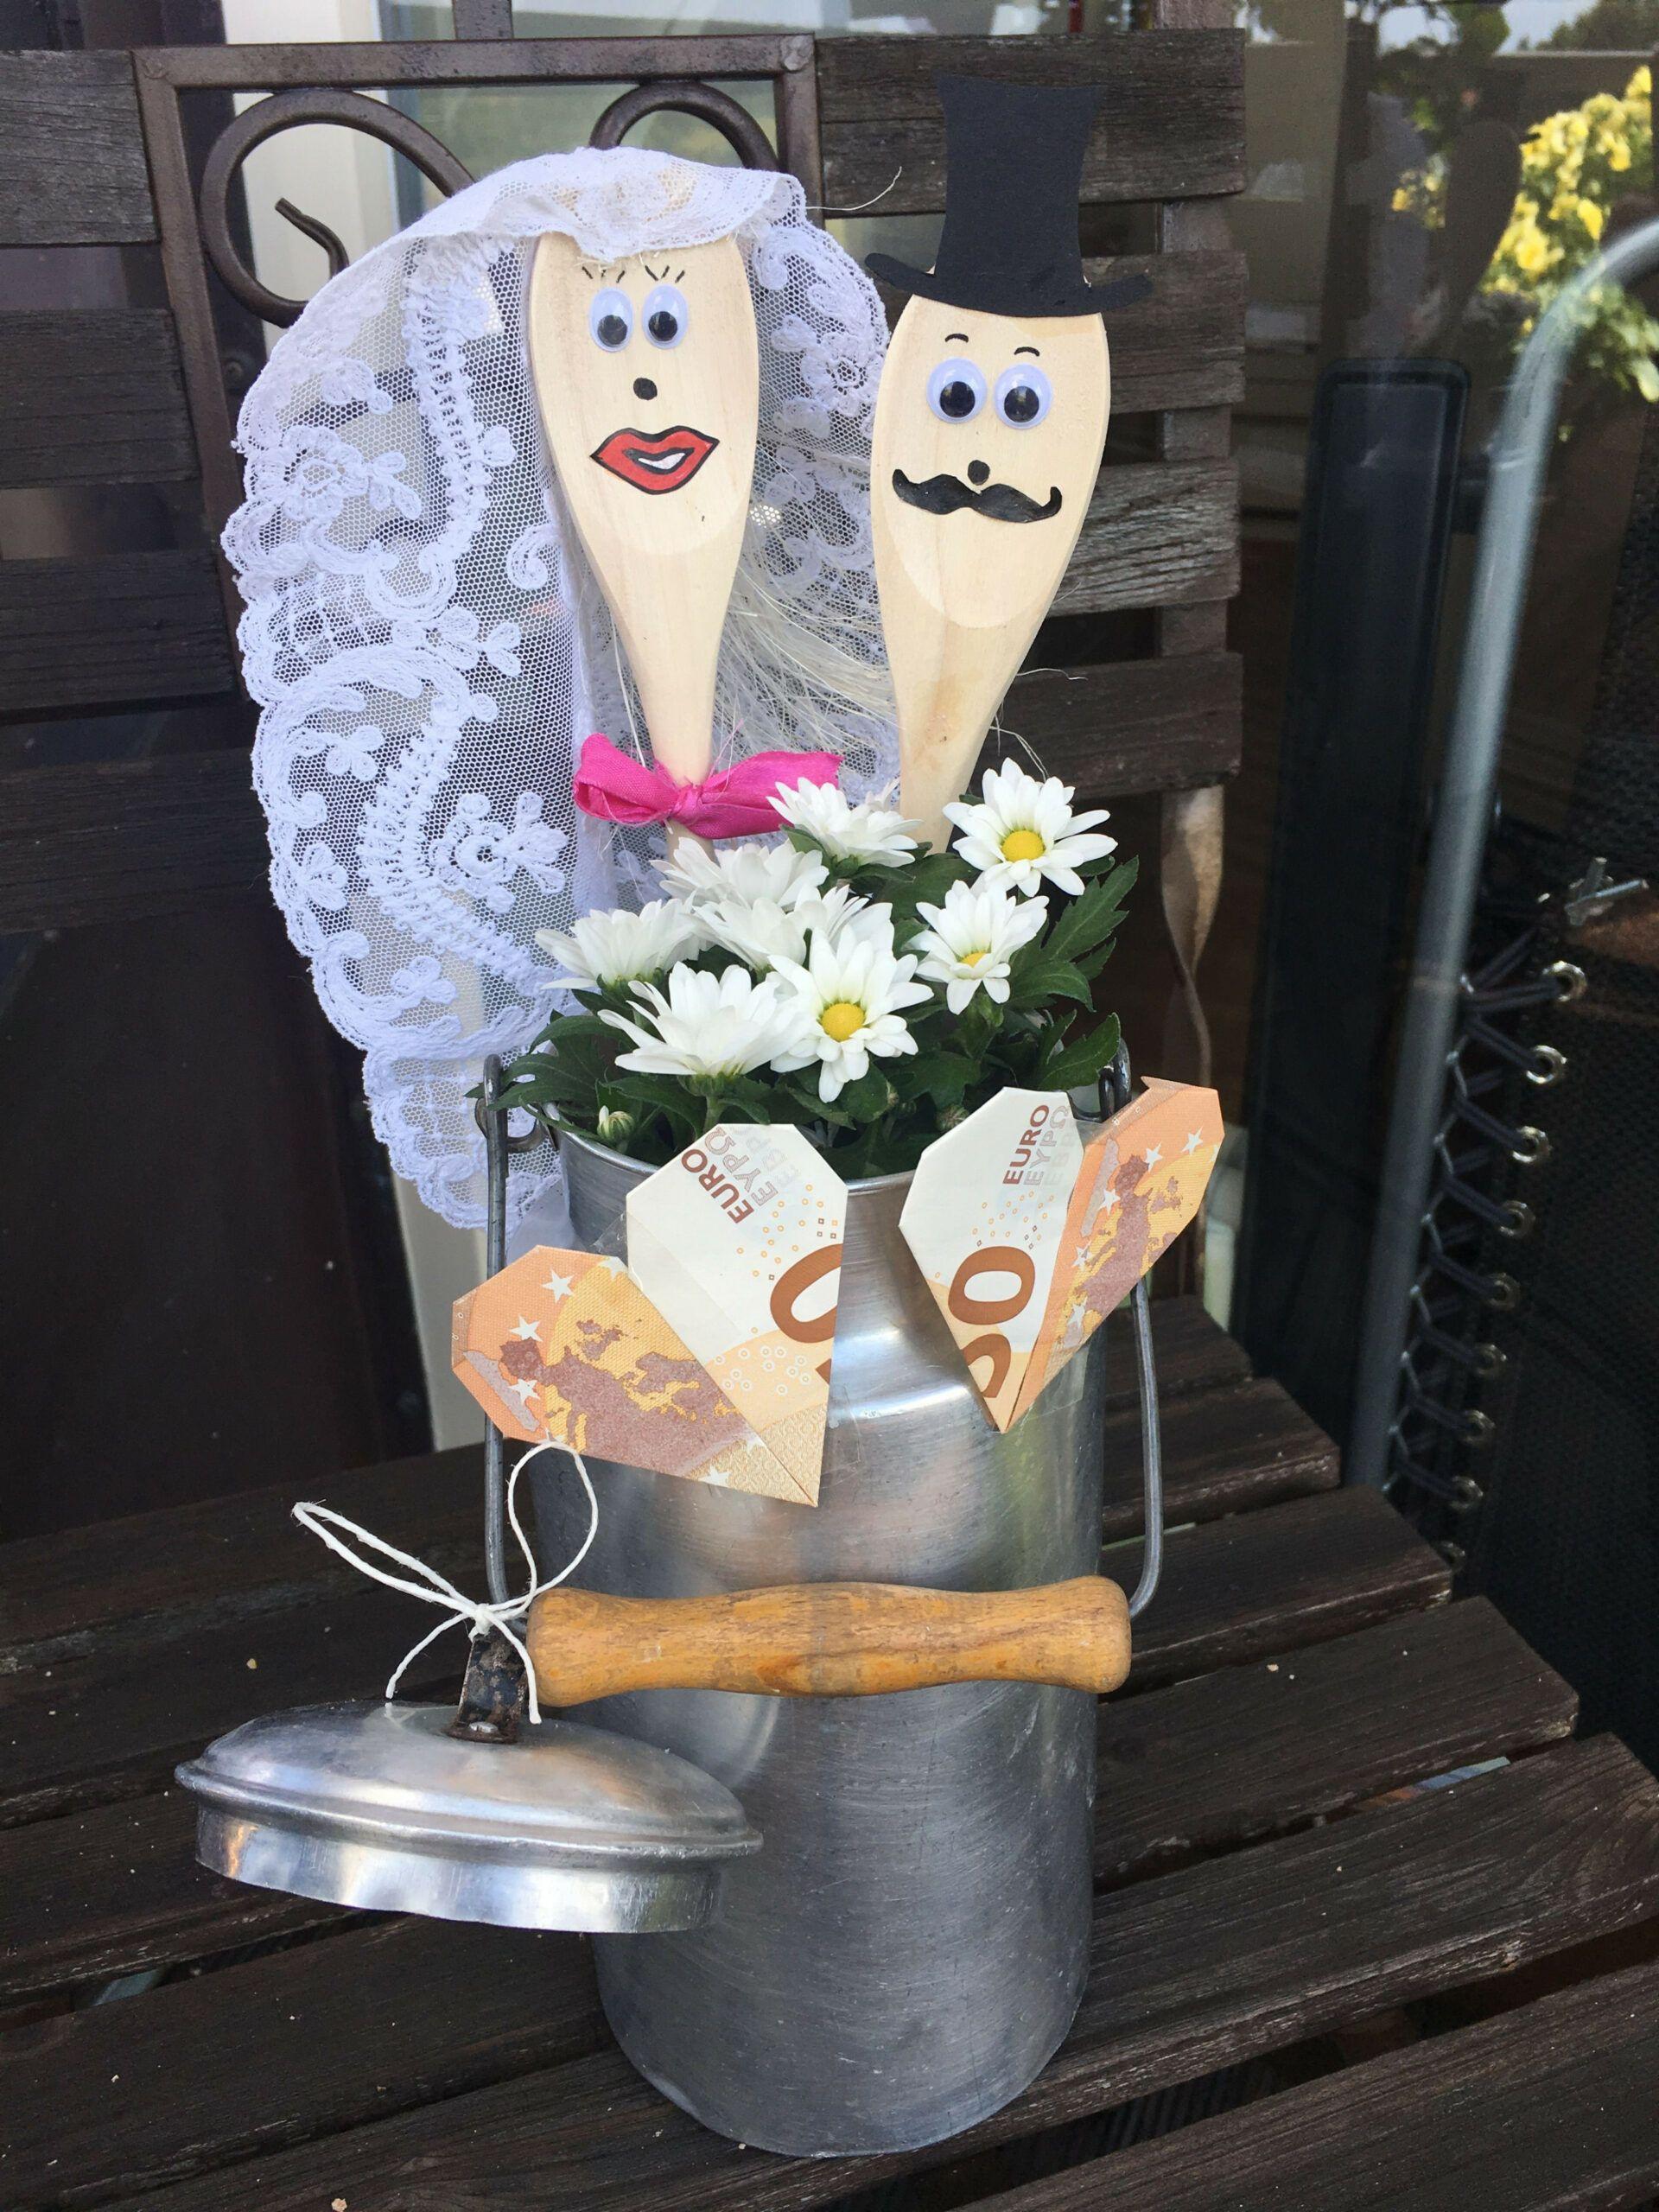 Geschenk Zur Hochzeit Oder Polterabend Geschenk Hochzeit Geschenke Holzerne Hochzeit Geschenke Brautpaar